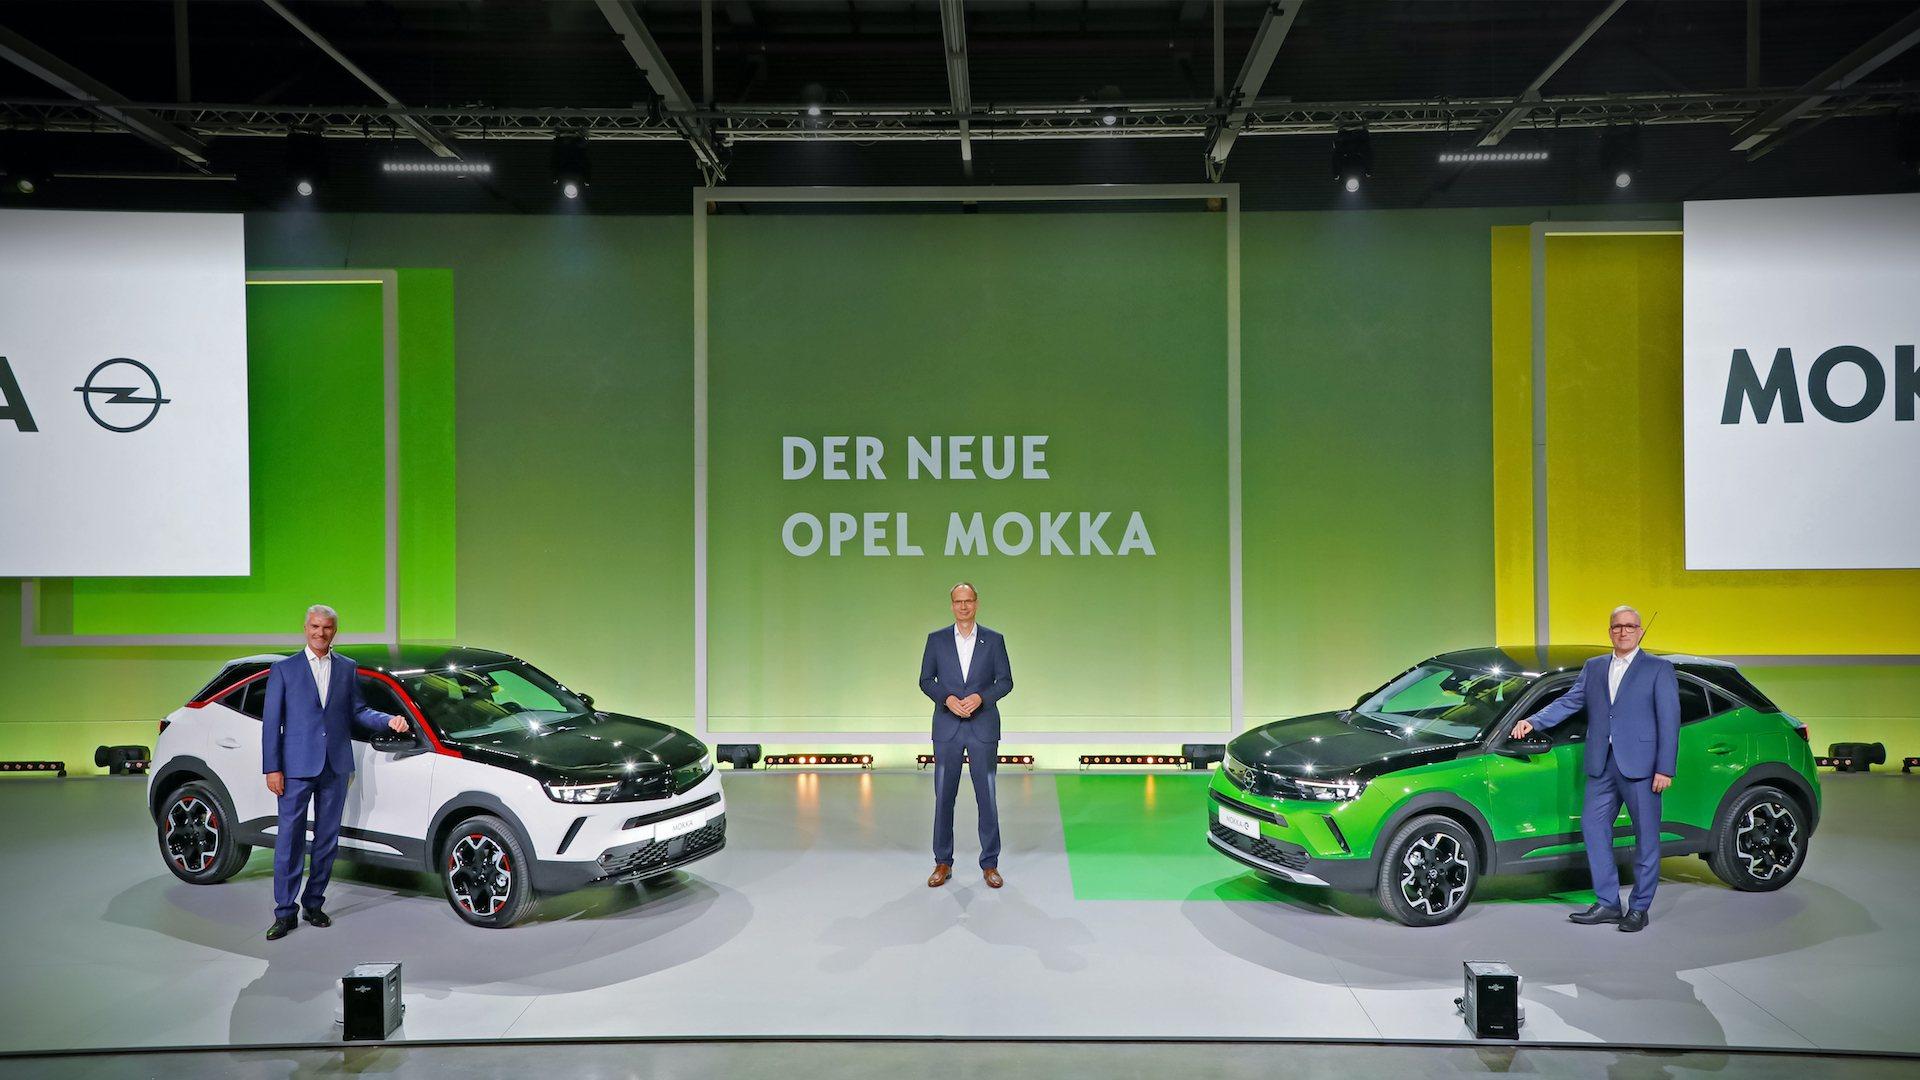 Światowa premiera: dyrektor generalny Michael Lohscheller prezentuje nowego Opla Mokkę